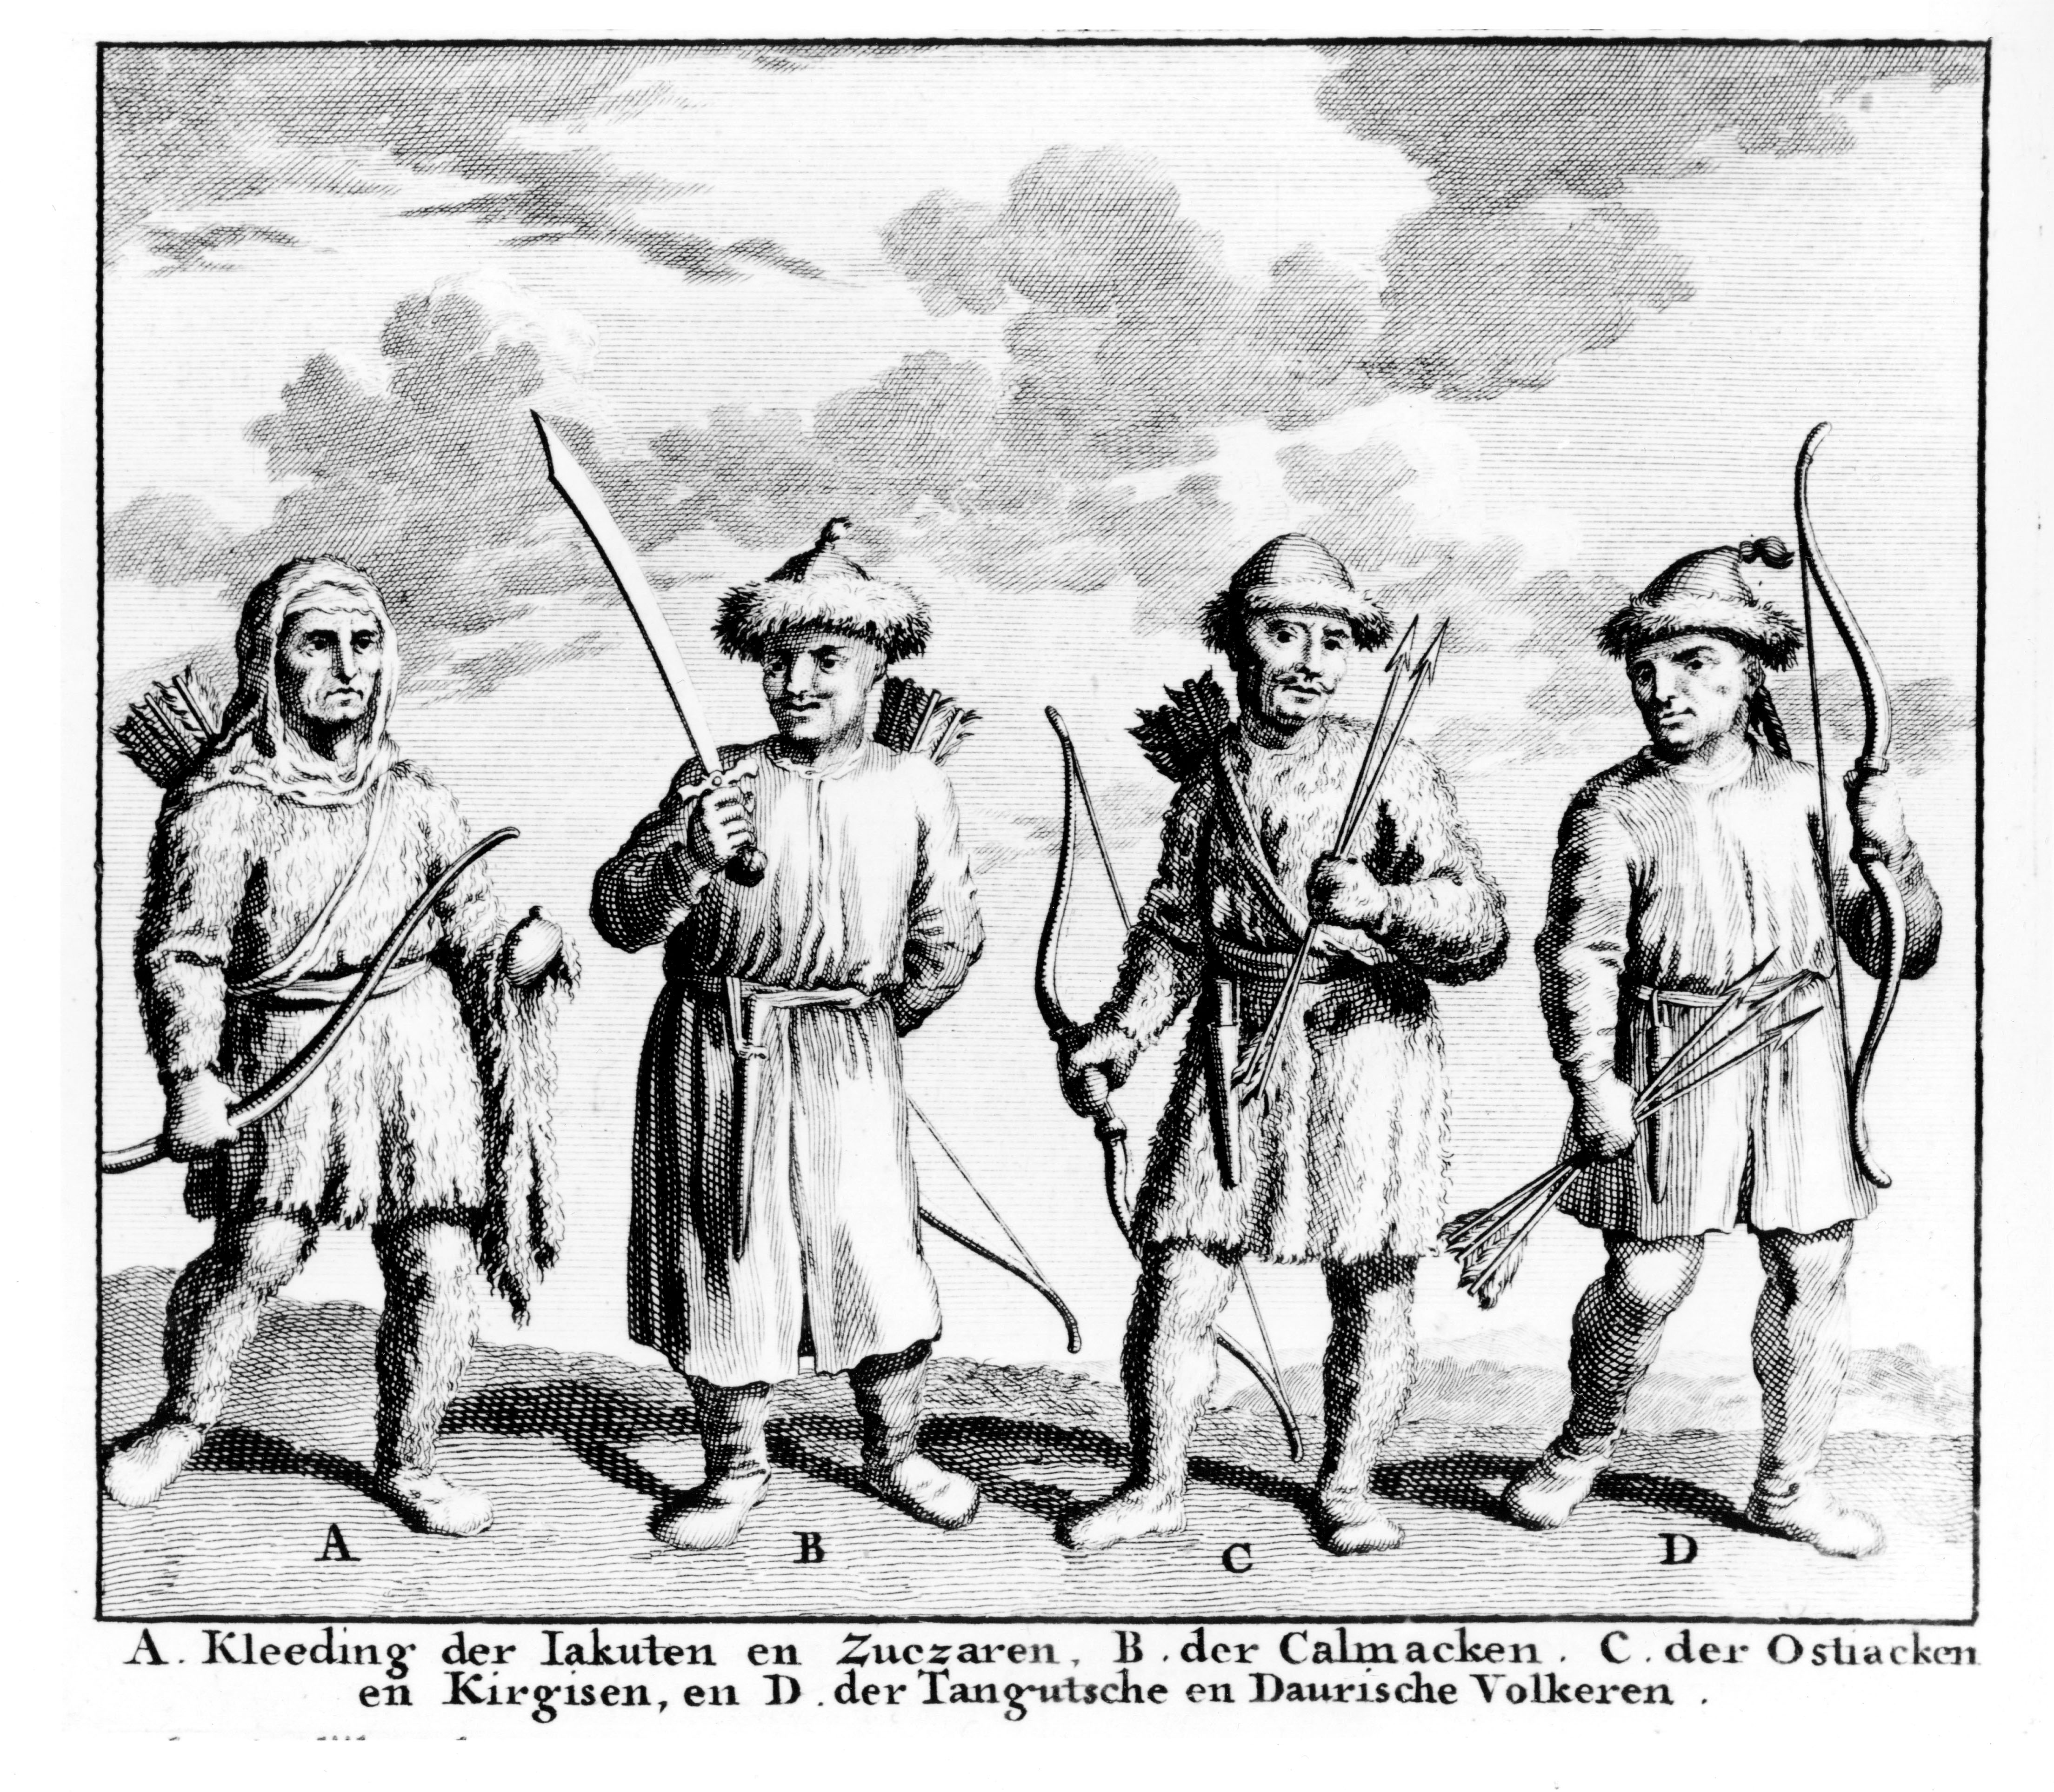 А. Одежда якутов и зухар. В. калмаков, С. остяков и киргиз, и тангутских и даурских народов